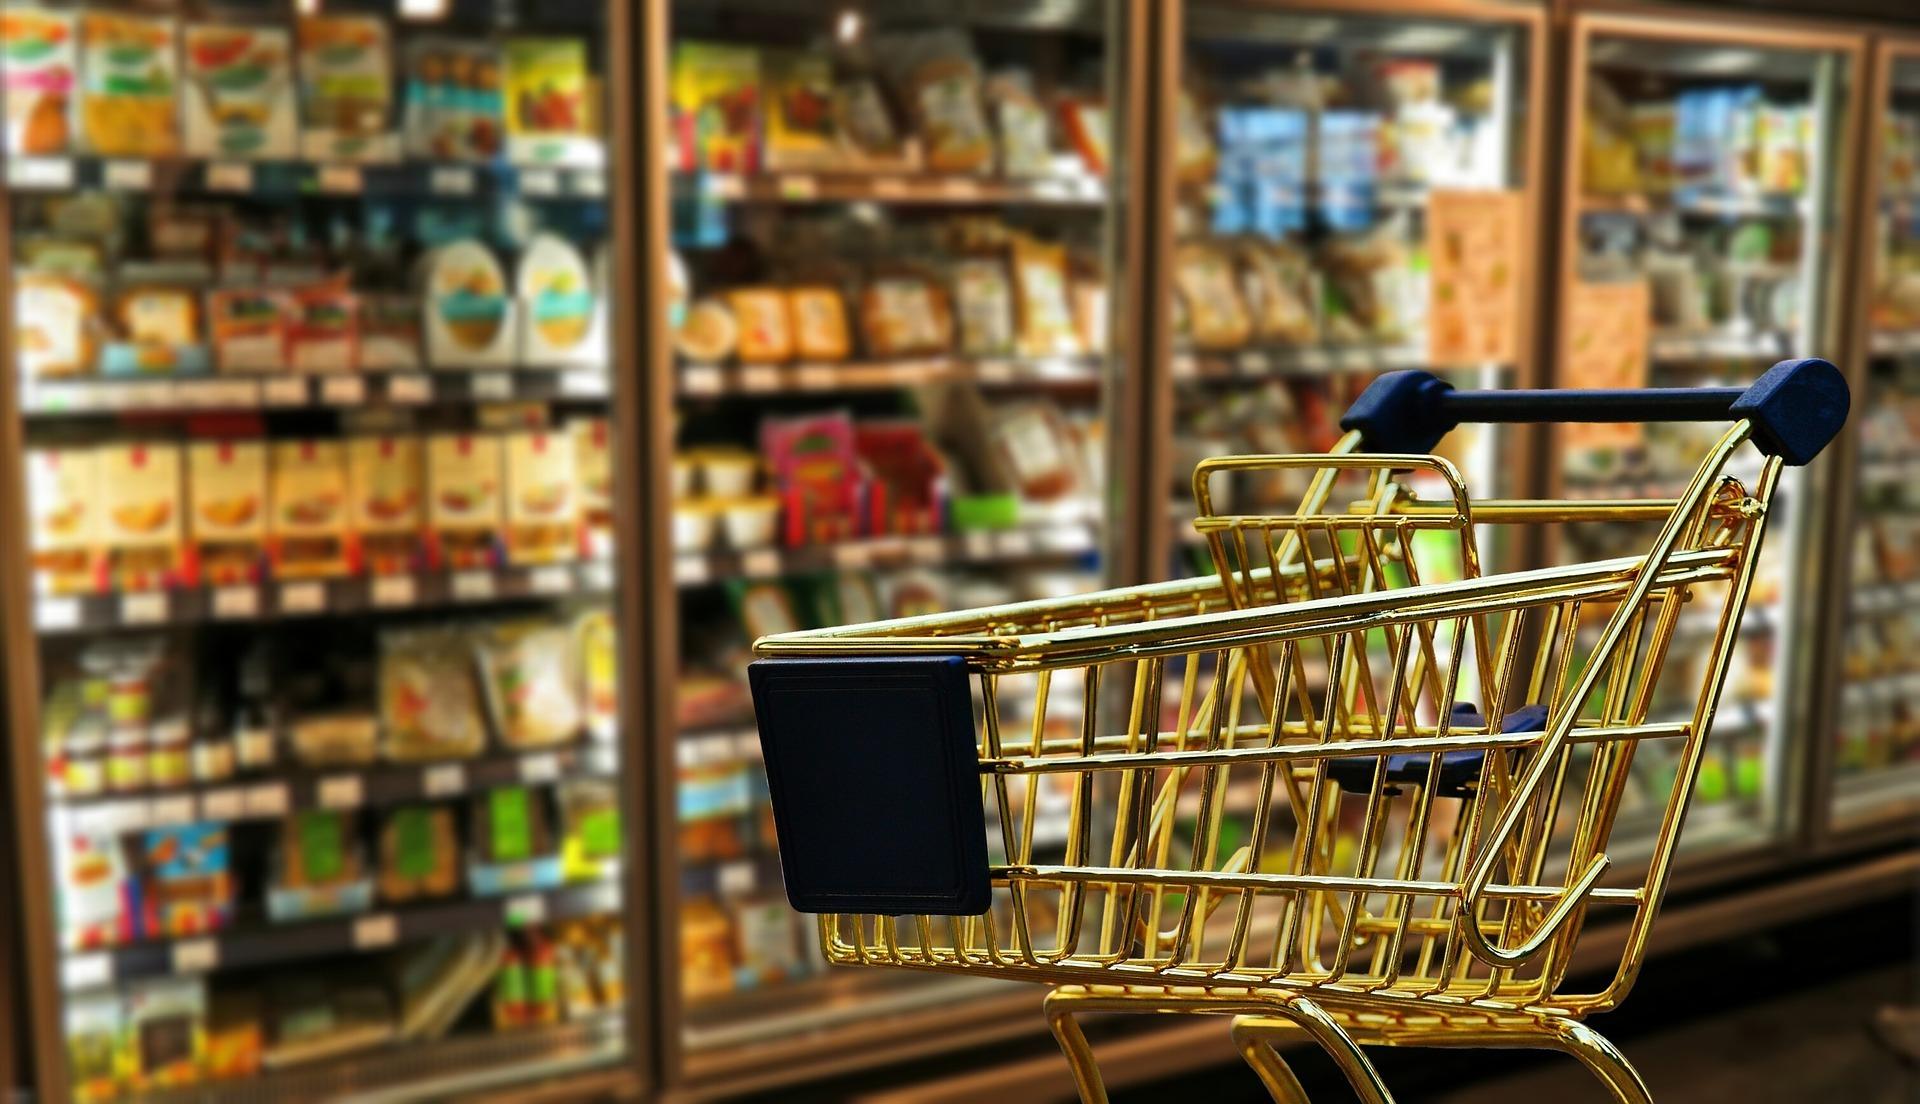 新零售進入陣痛期?「盒馬」開業三年首度關店